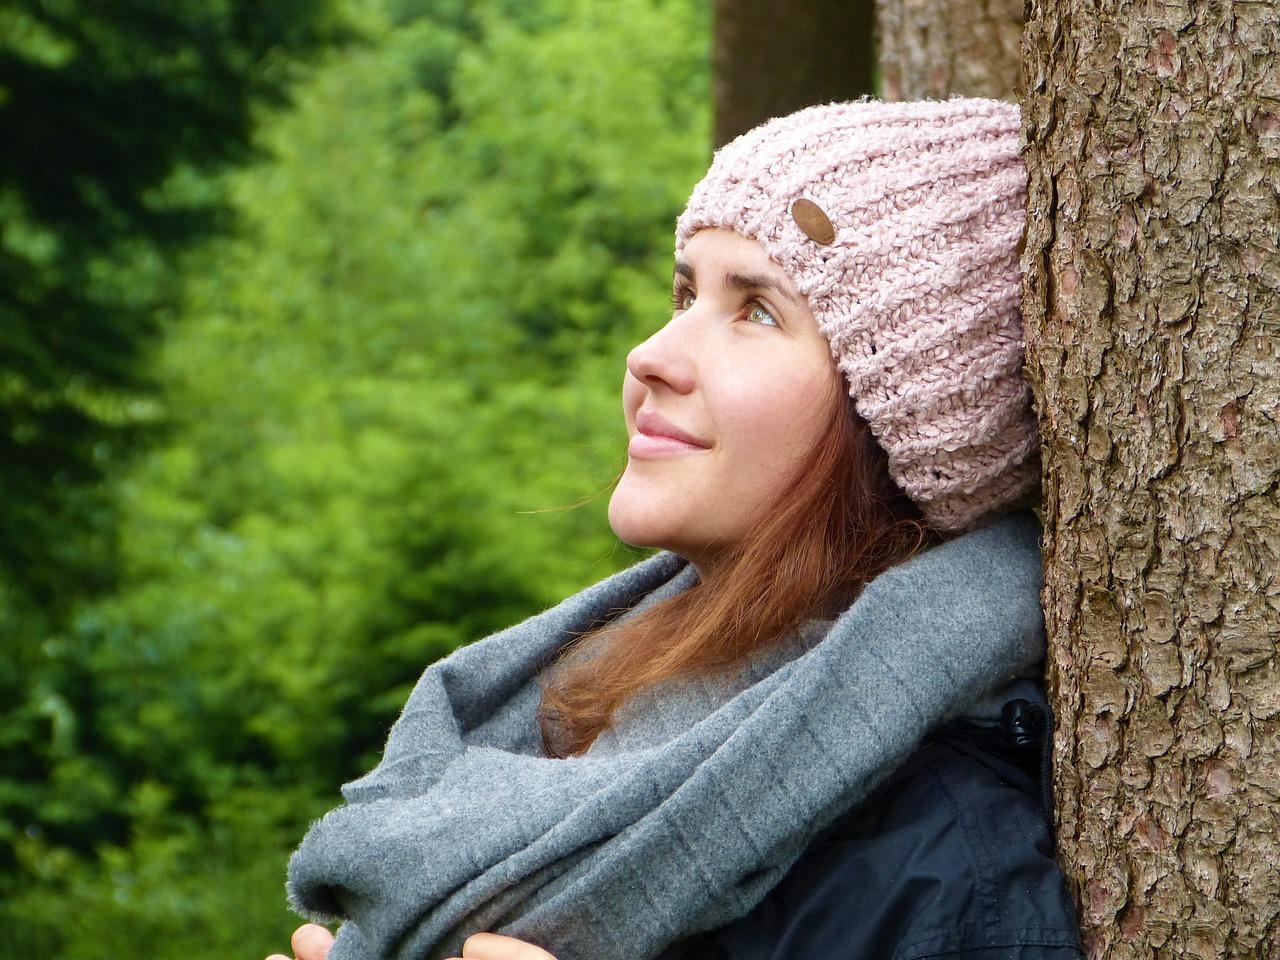 Junge Frau an einem Baum als Sinnbild für inneren Frieden